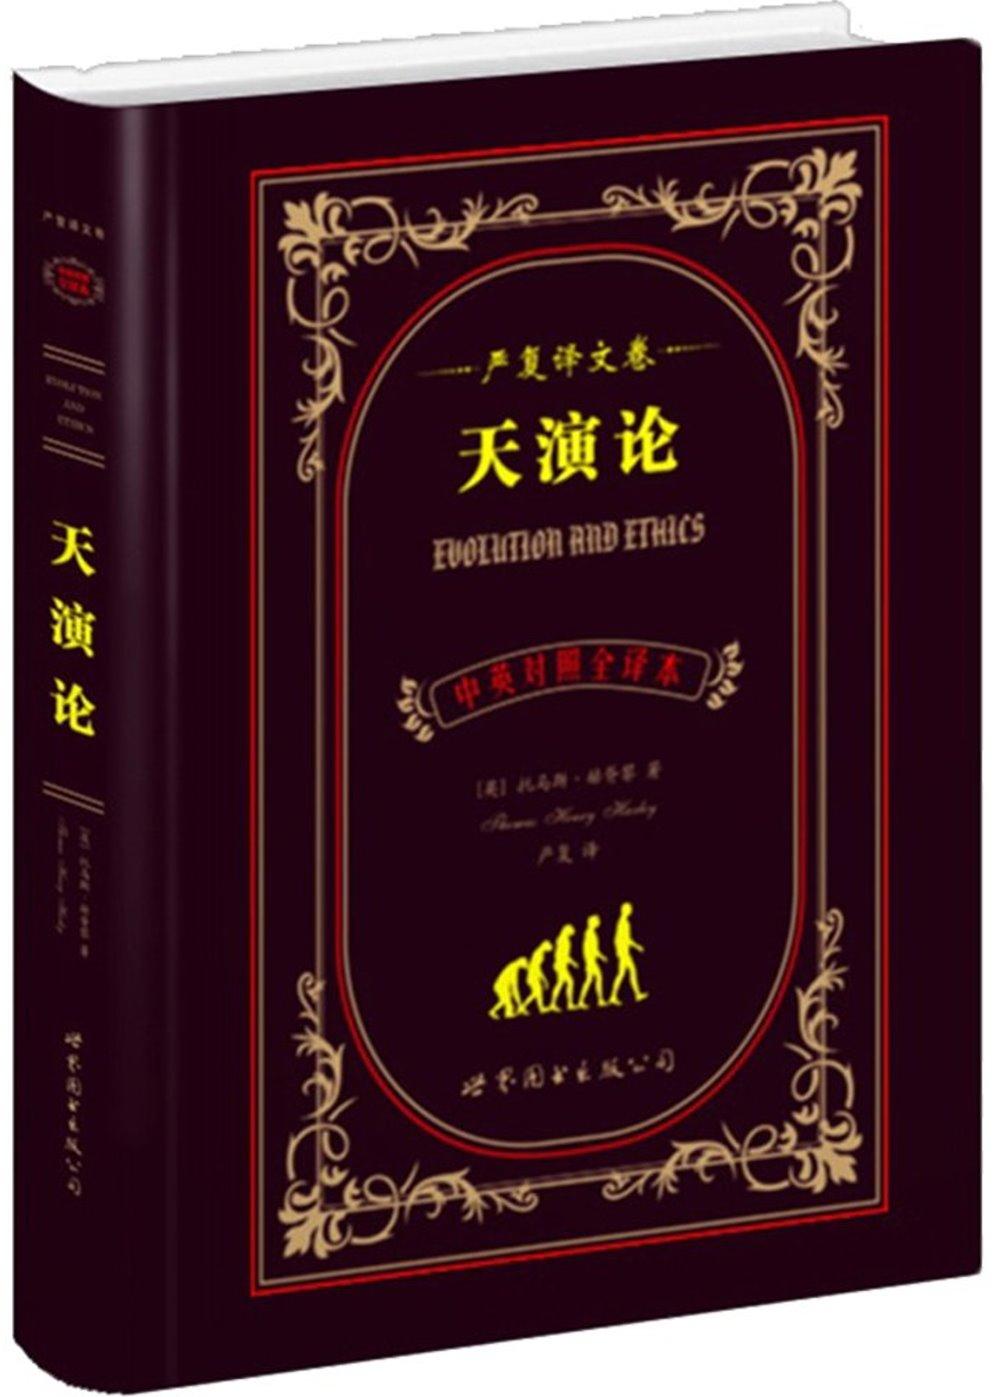 天演論·嚴復譯文卷(中英對照全譯本)